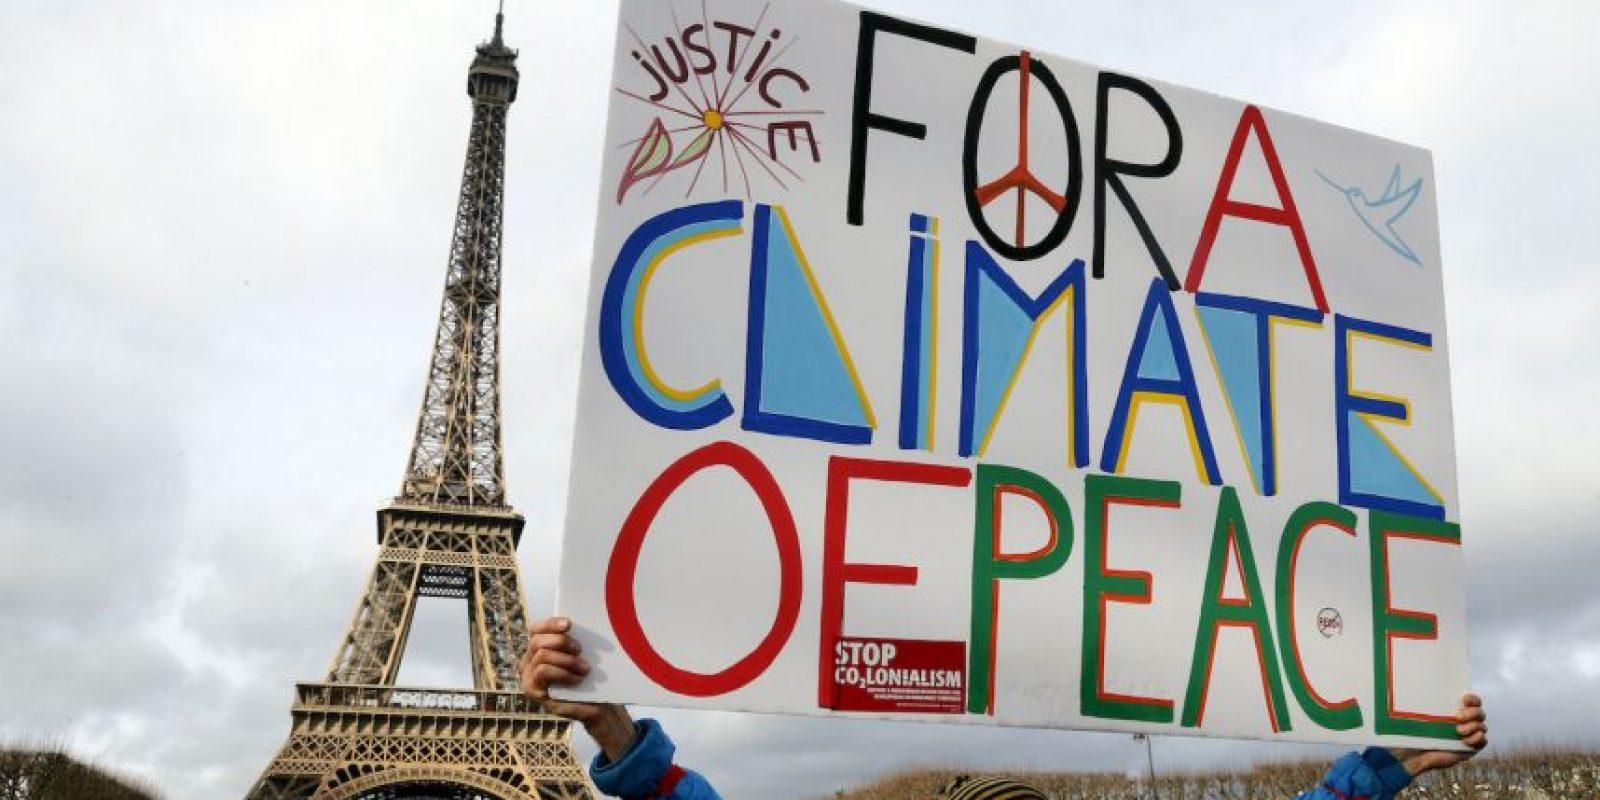 Greenpeace detalló que la producción de energía renovable en el mundo debe acelerarse. Foto:AFP